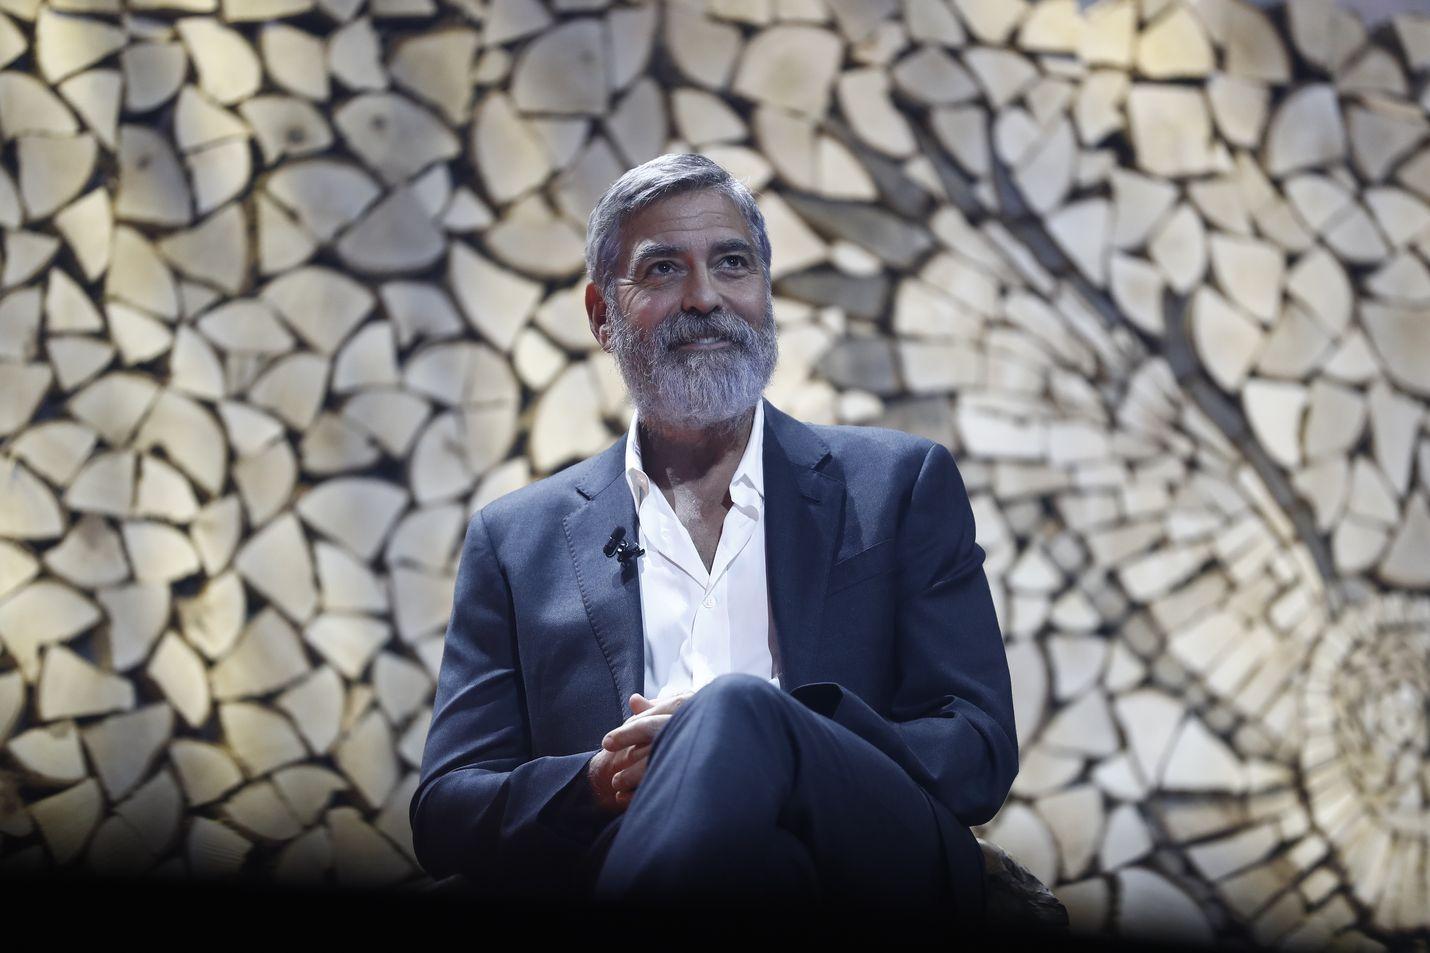 Elokuvatähti George Clooney esiintyi ensimmäistä kertaa Suomessa. Hän oli kaksipäiväisen Nordic Business Forumin pääpuhuja.